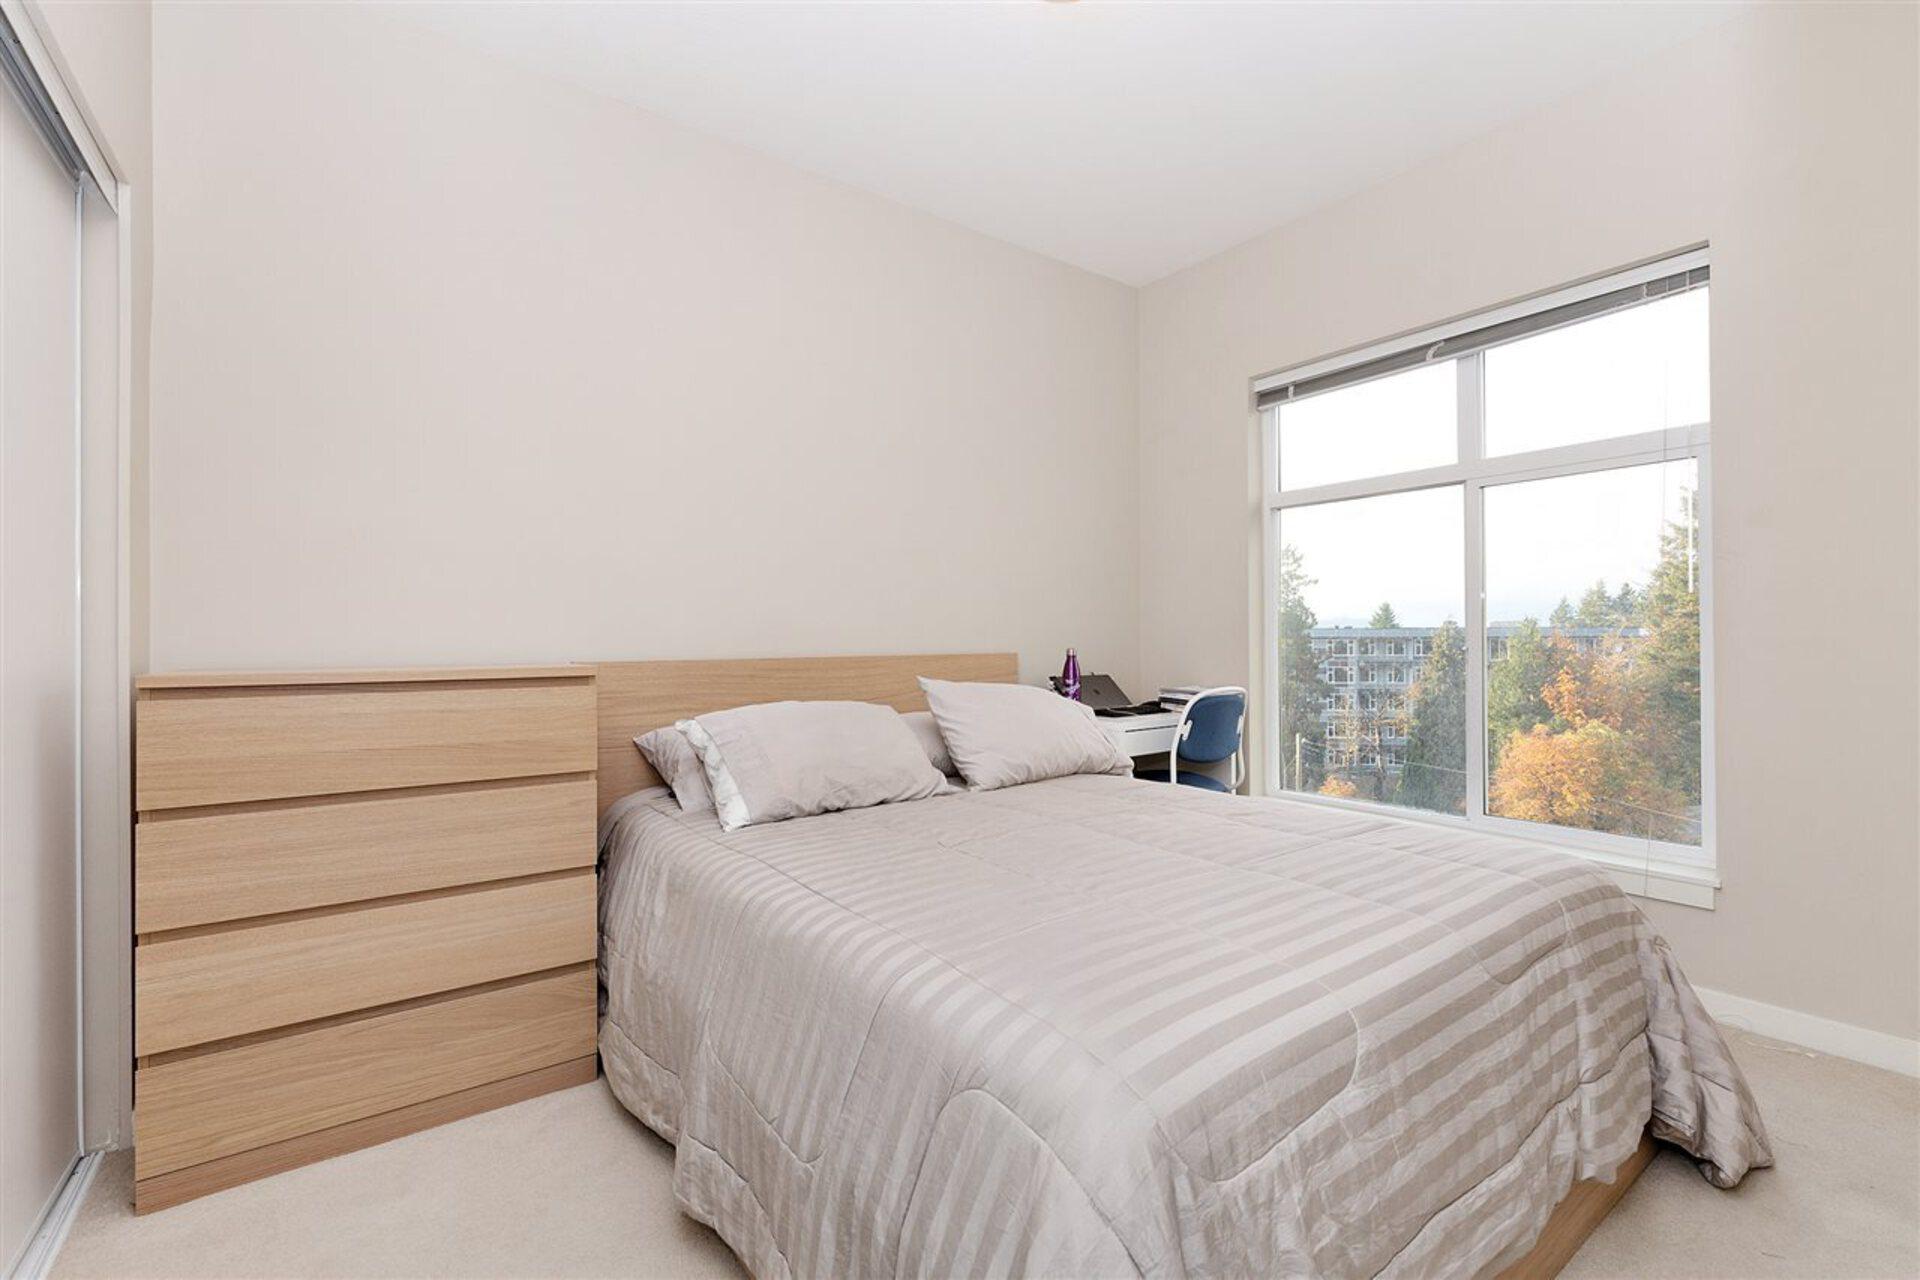 13728-108-avenue-whalley-north-surrey-11 at 434 - 13728 108 Avenue, Whalley, North Surrey